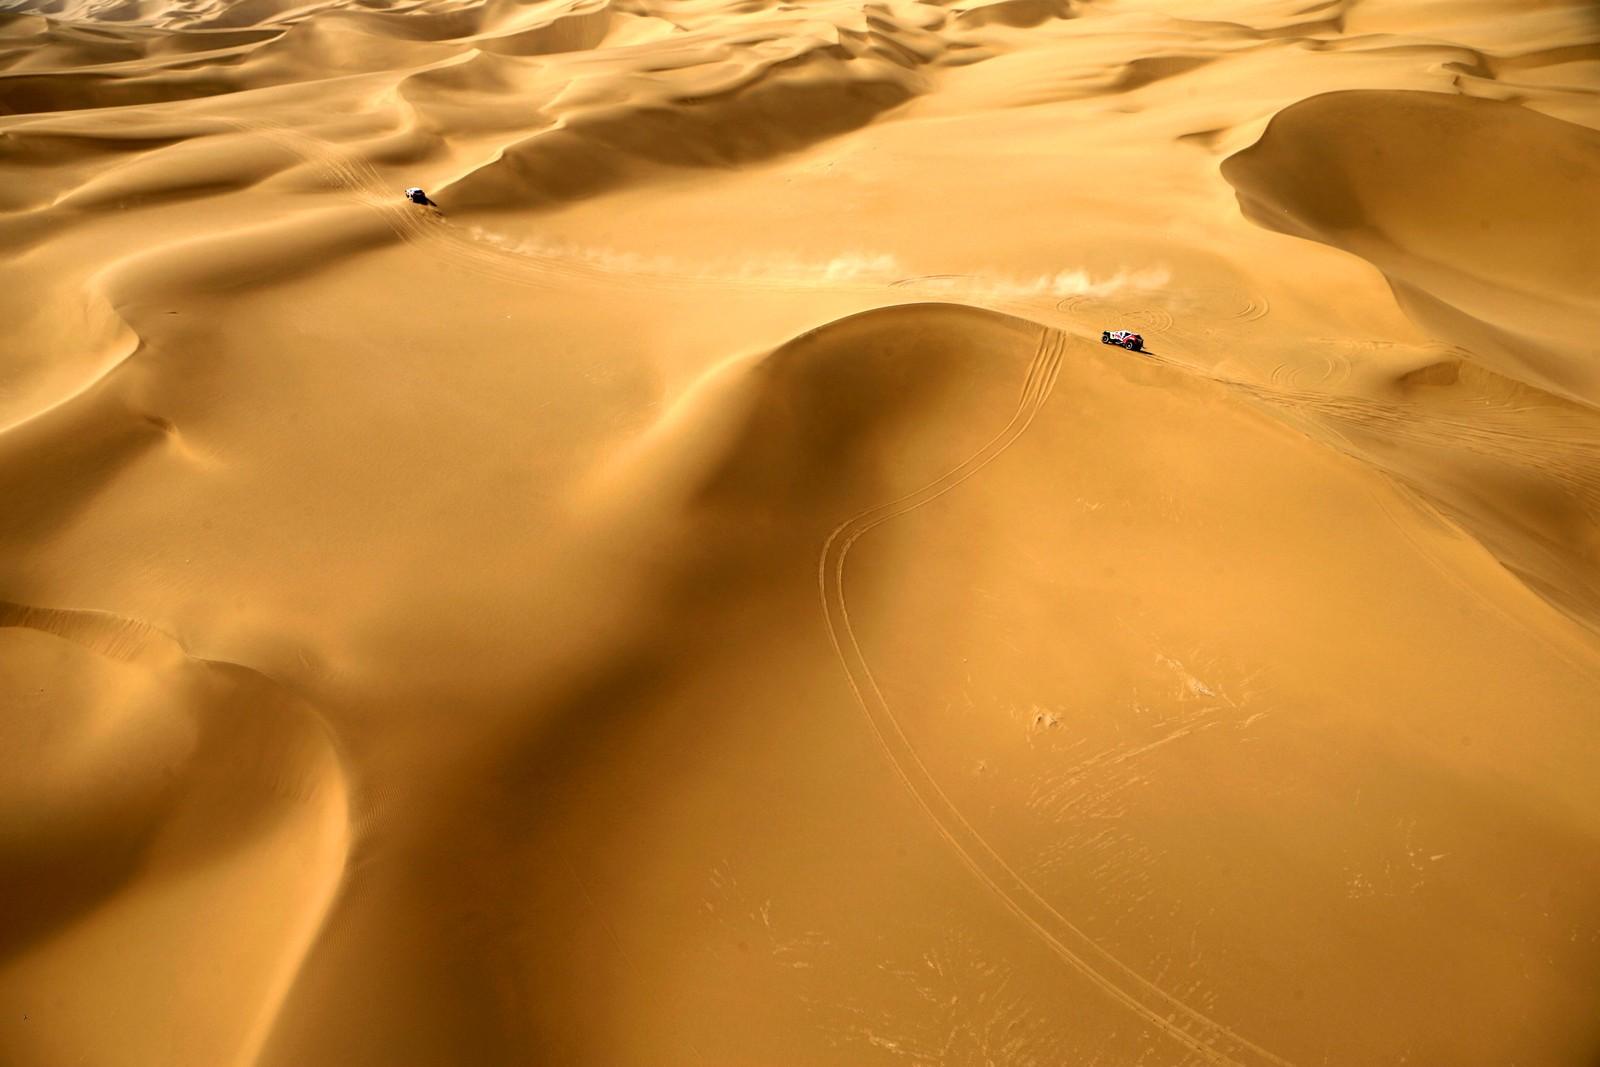 130 rallyførere konkurrerte i Gobiørkenen under Silkway Rally den 18. juli. Rallyet er 10.374 kilometer langt, og førerne er innom tre land og to kontinenter på vei fra Moskva til Beijing.